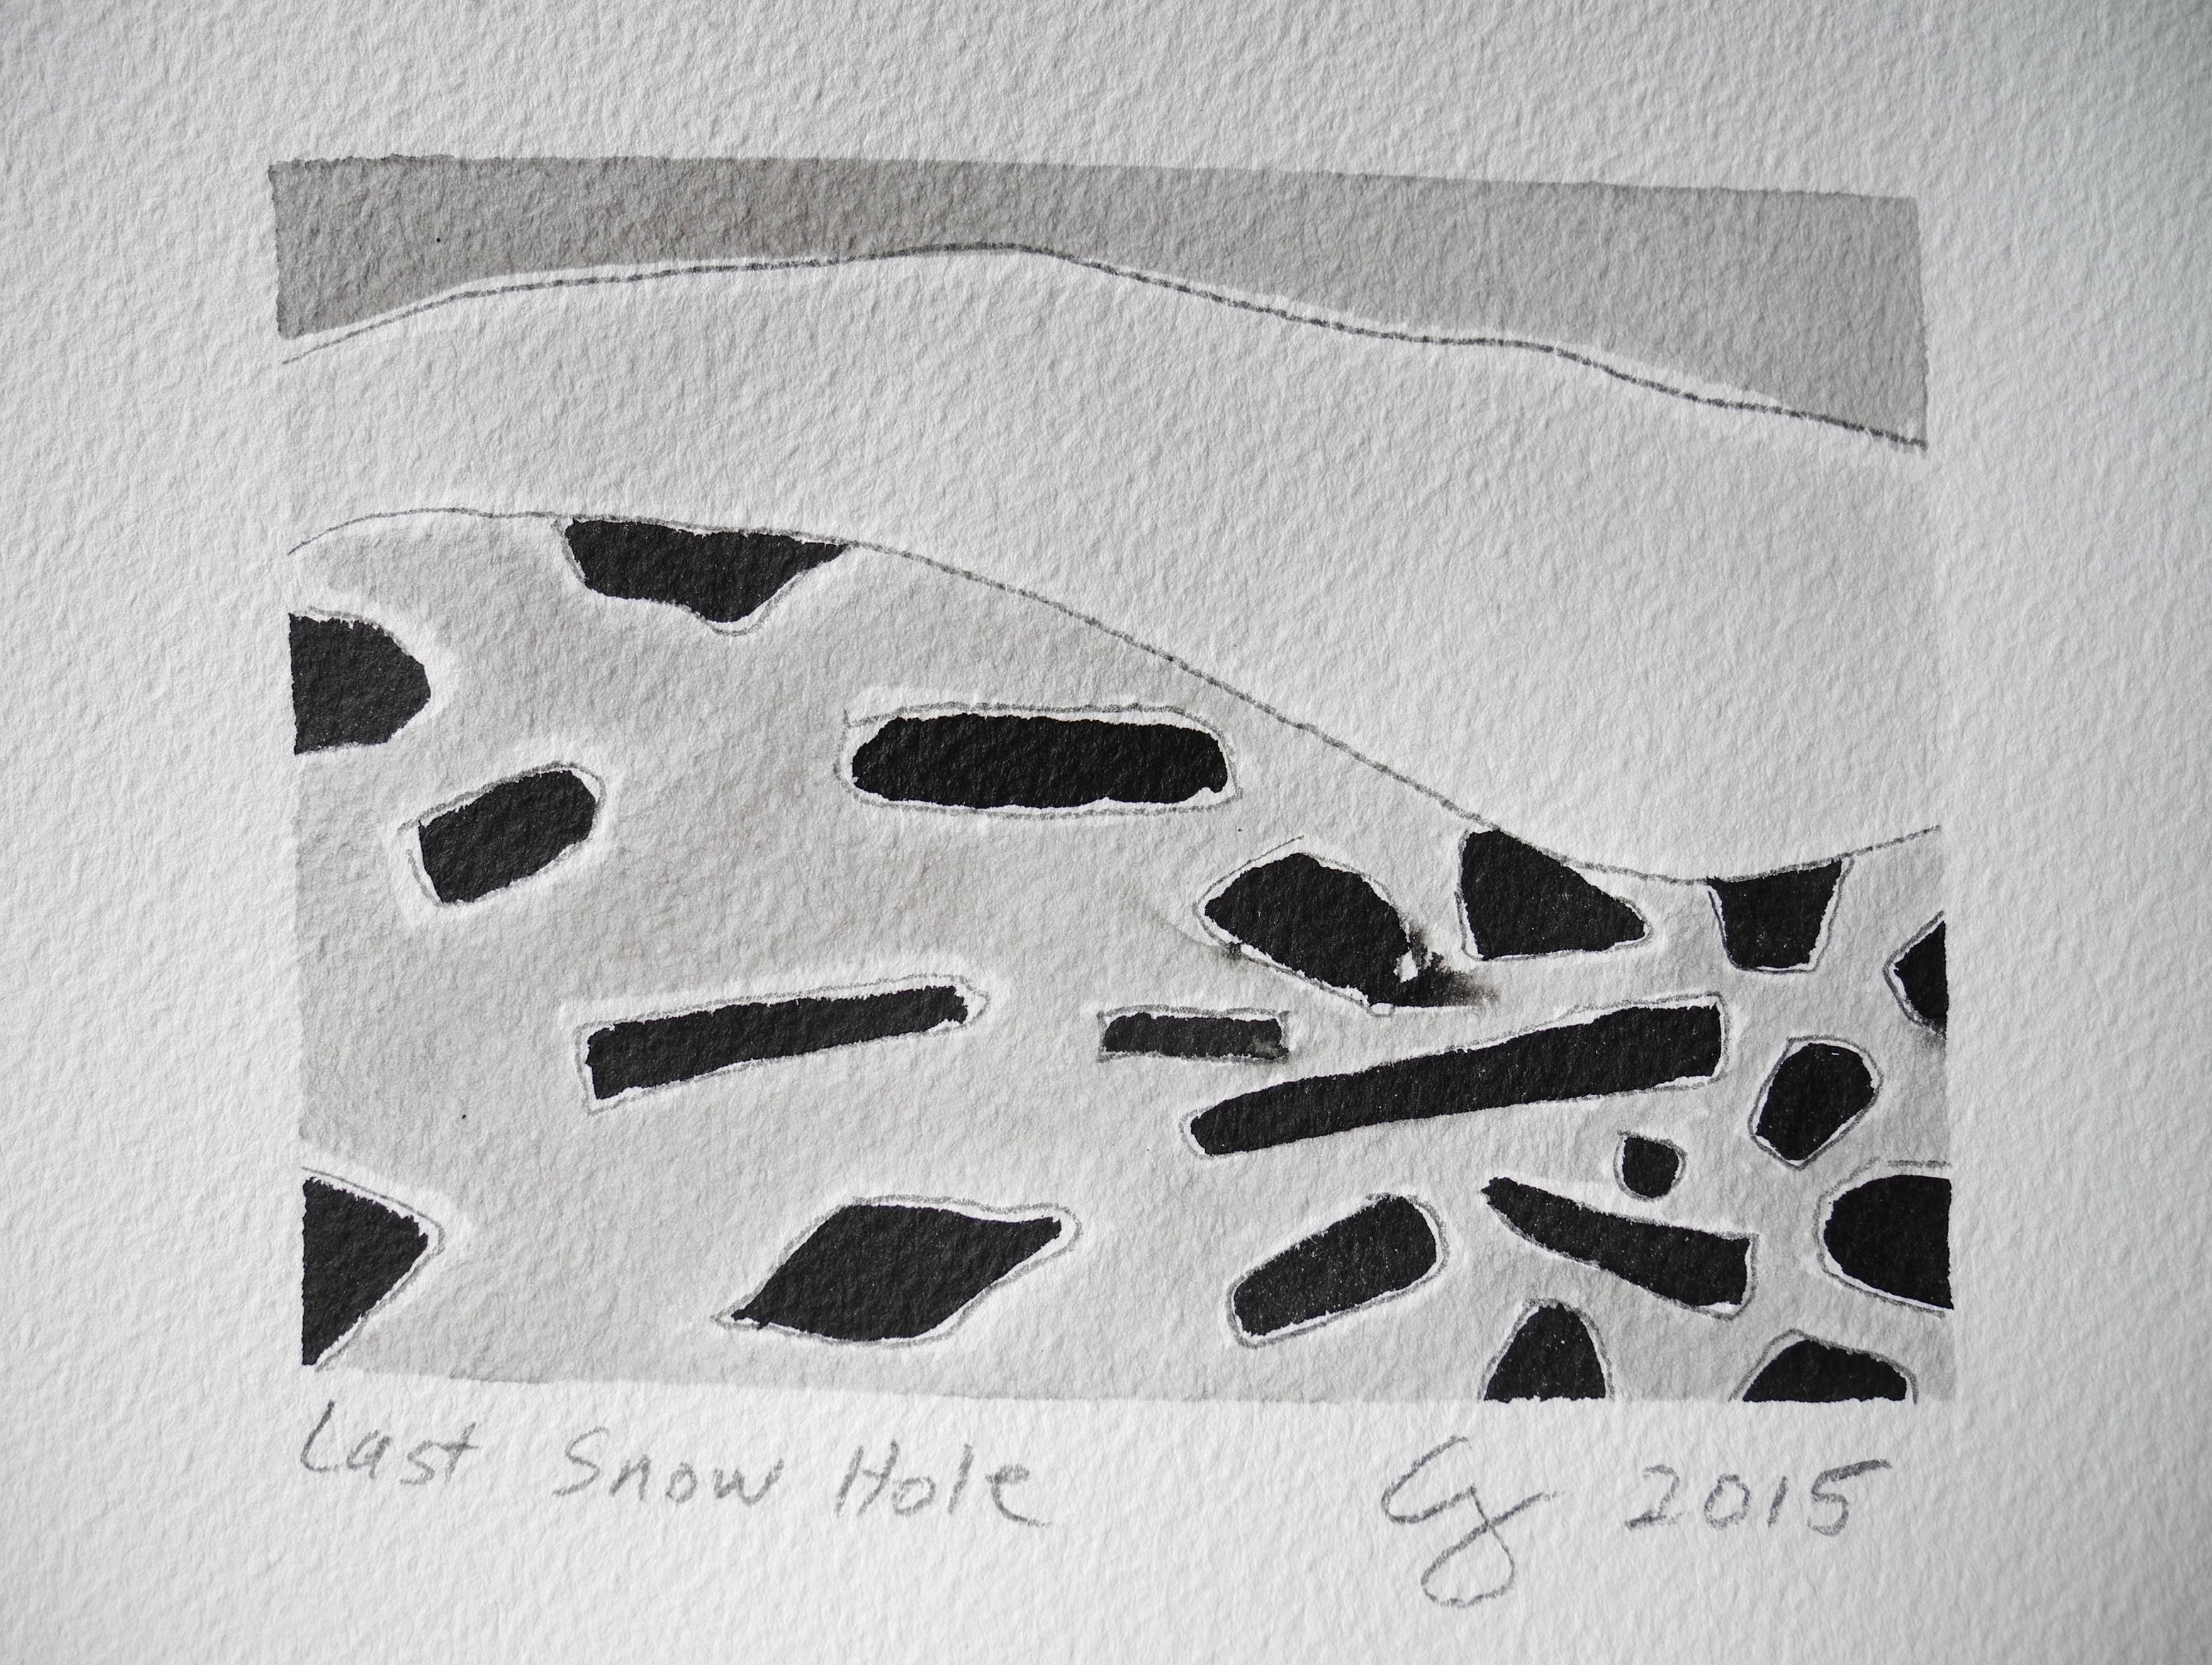 Last Snow Hole